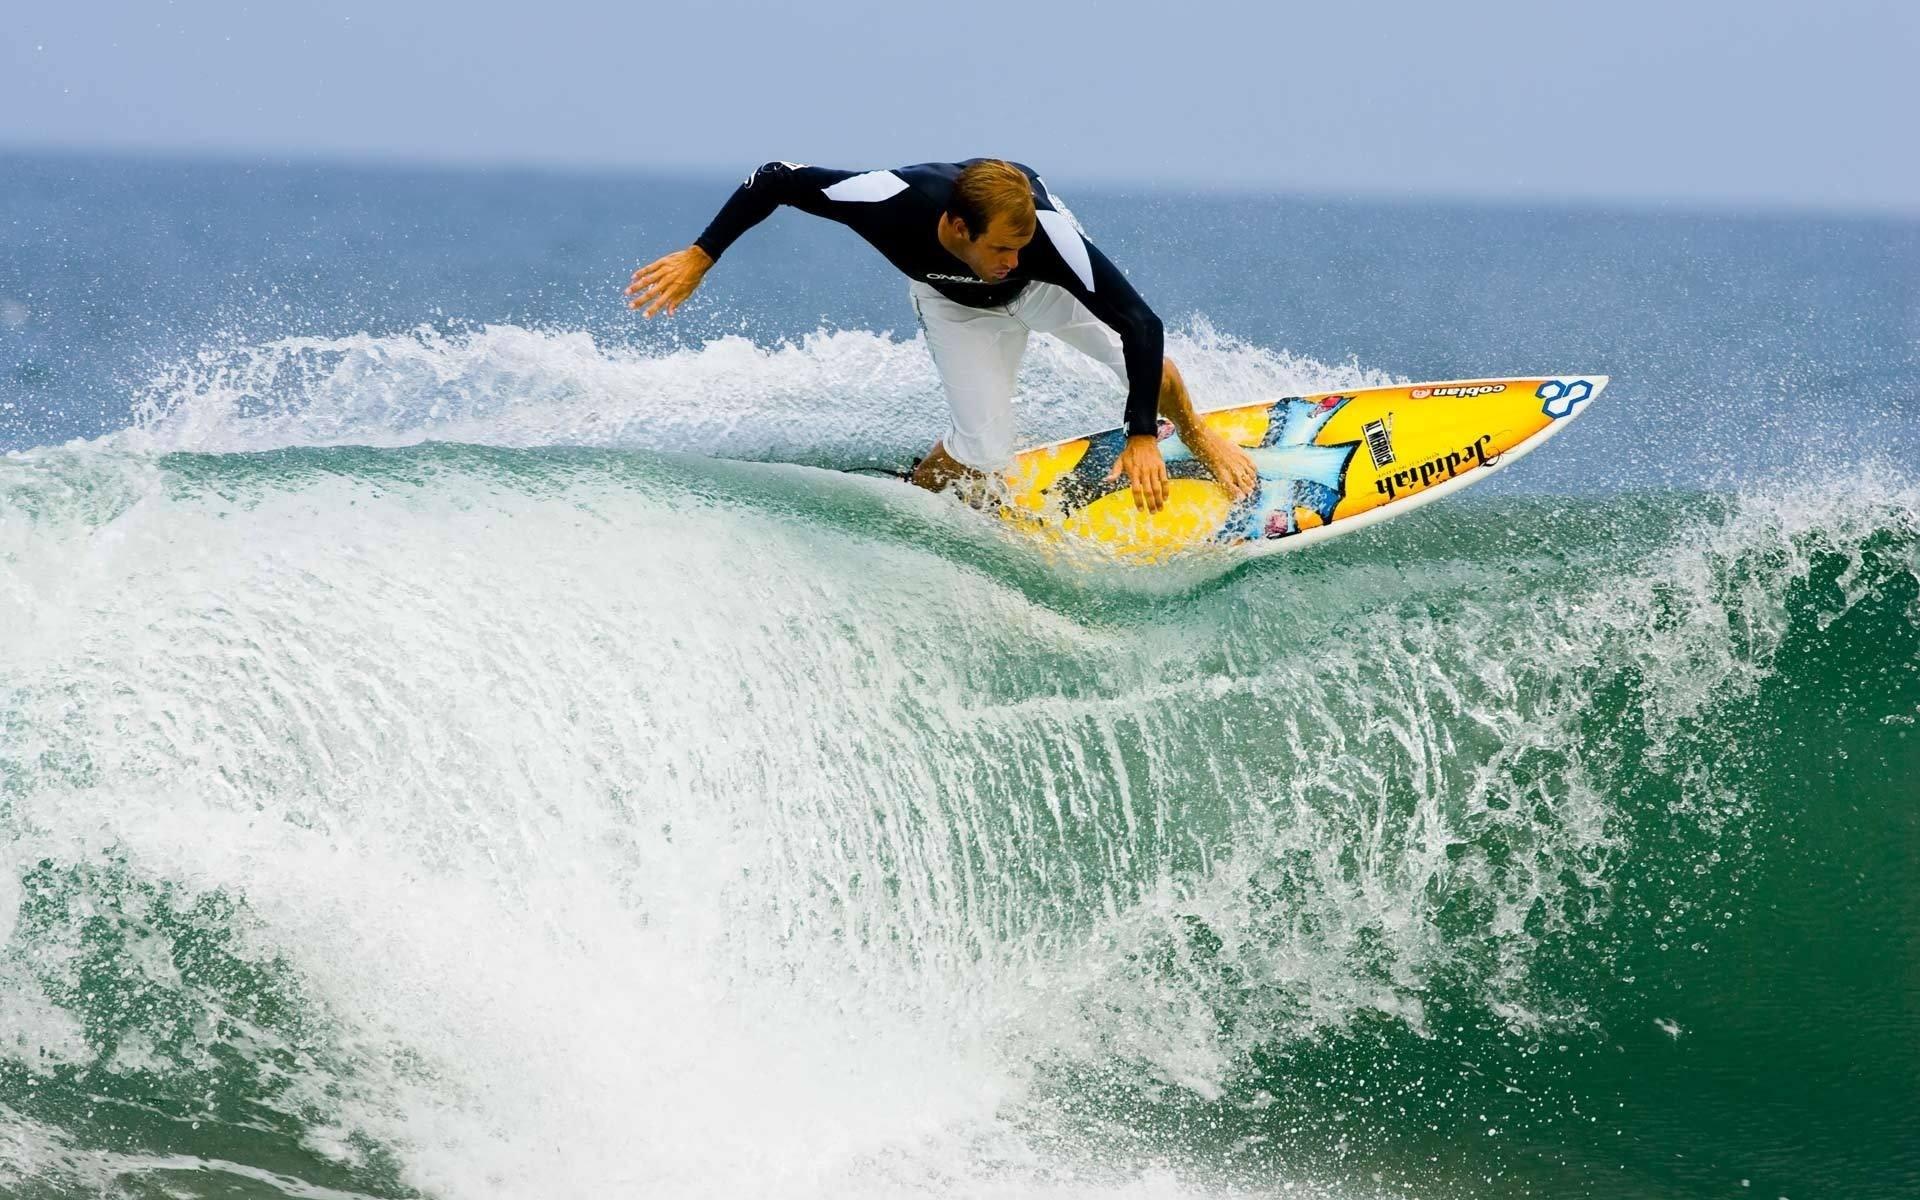 Surfeando olas - 1920x1200